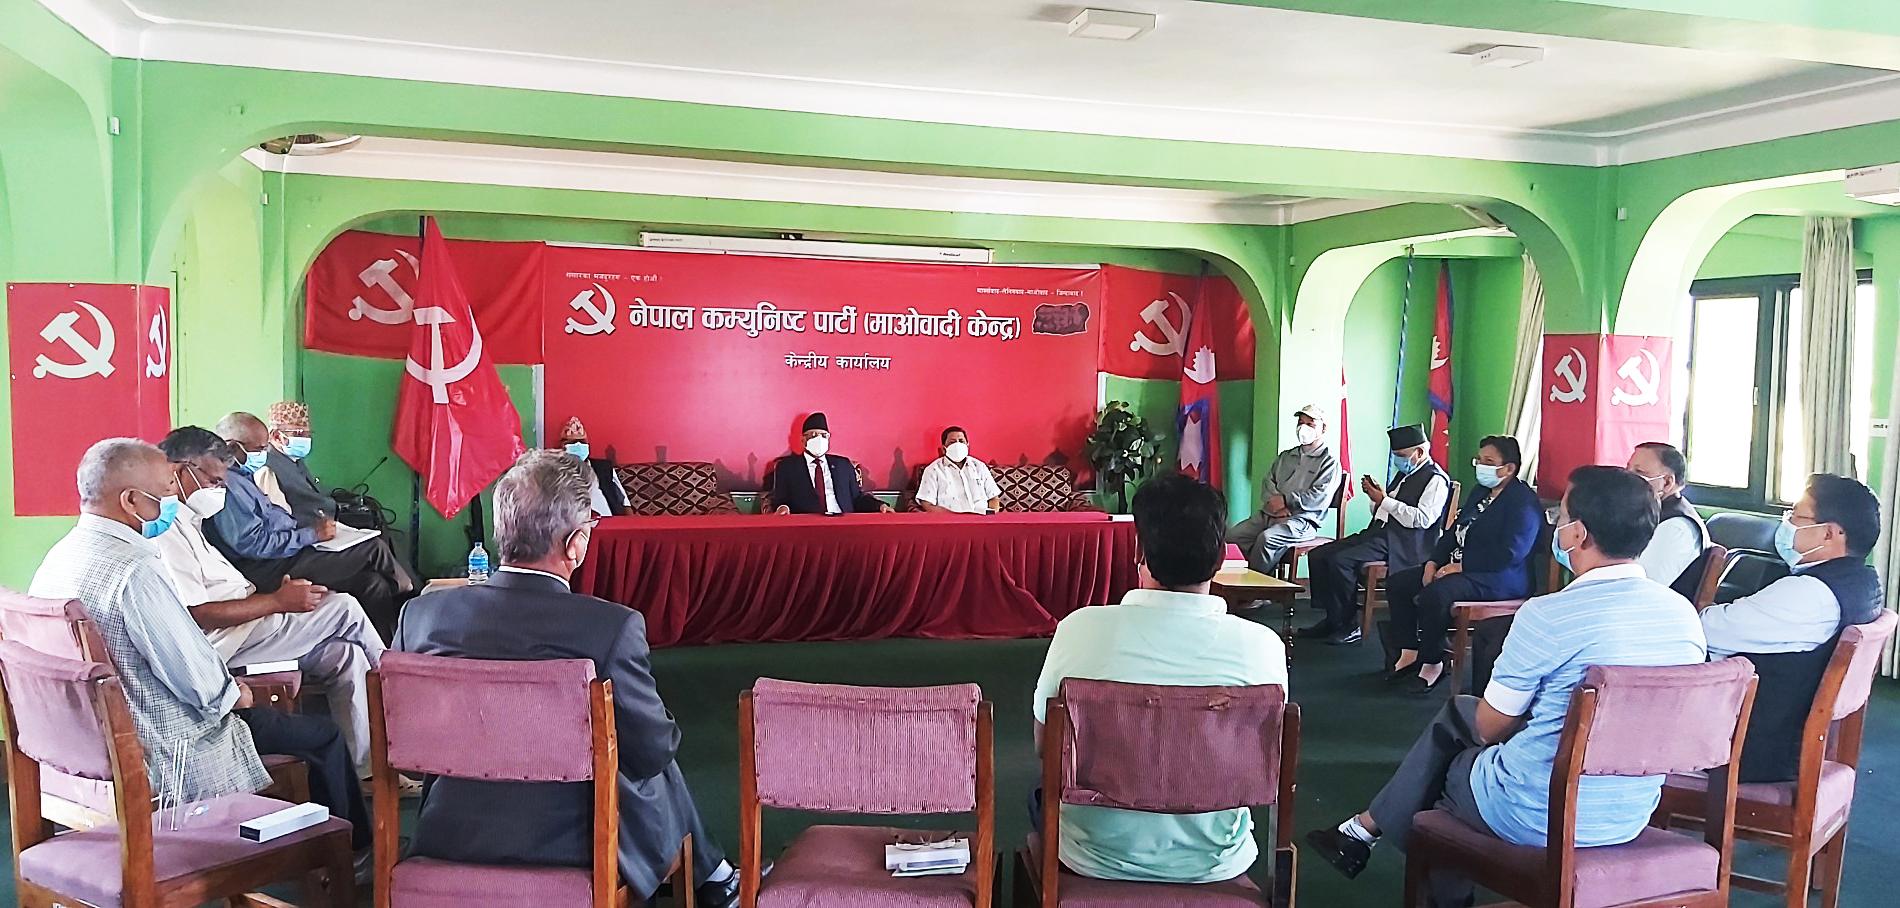 मन्त्रीको टुंगो लगाउन माओवादीको स्थायी कमिटी बैठक बस्दै